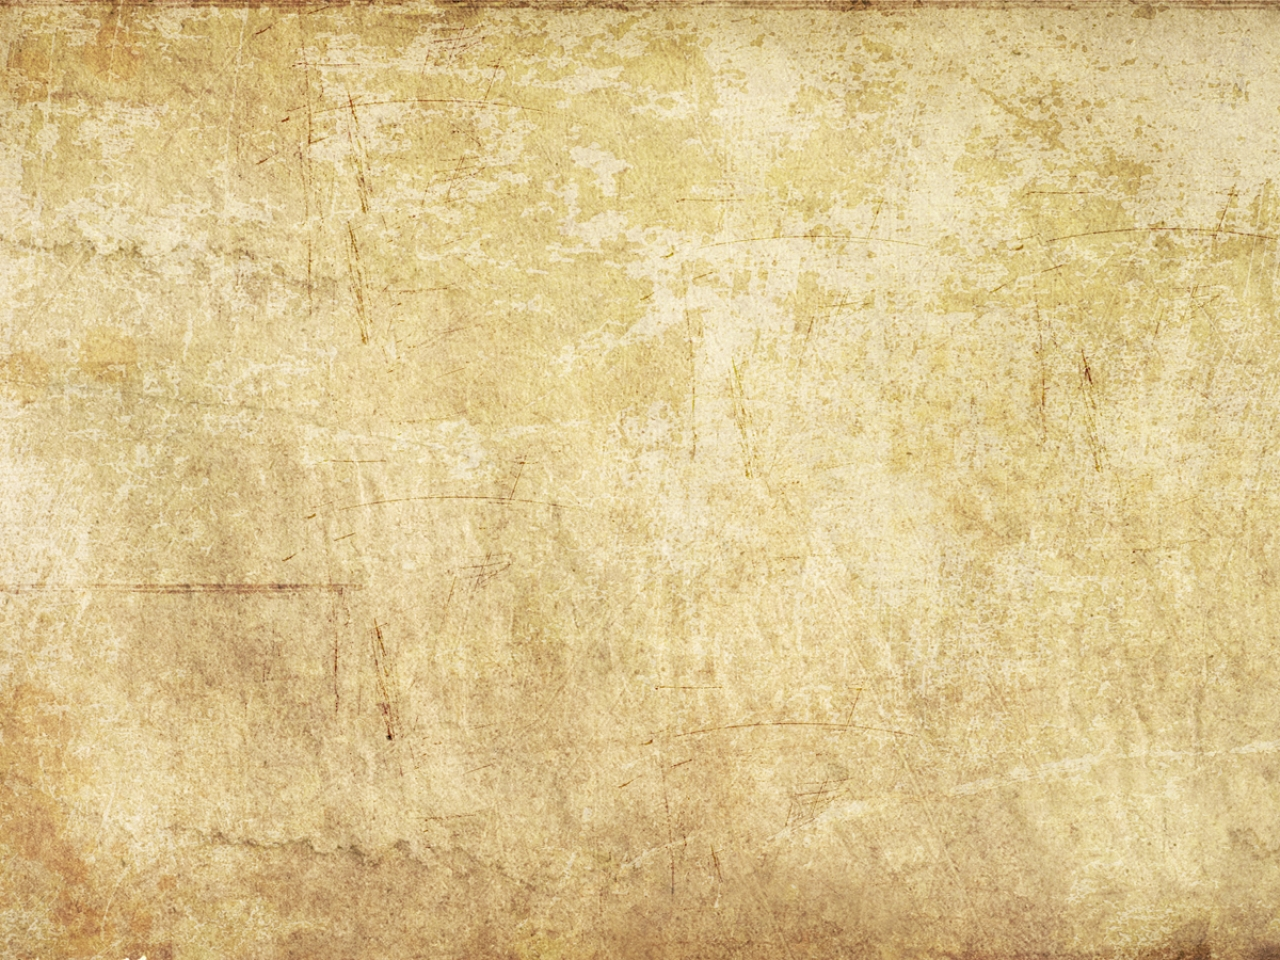 Textura de papel antiguo hd 1280x960 imagenes - Papel pared antiguo ...